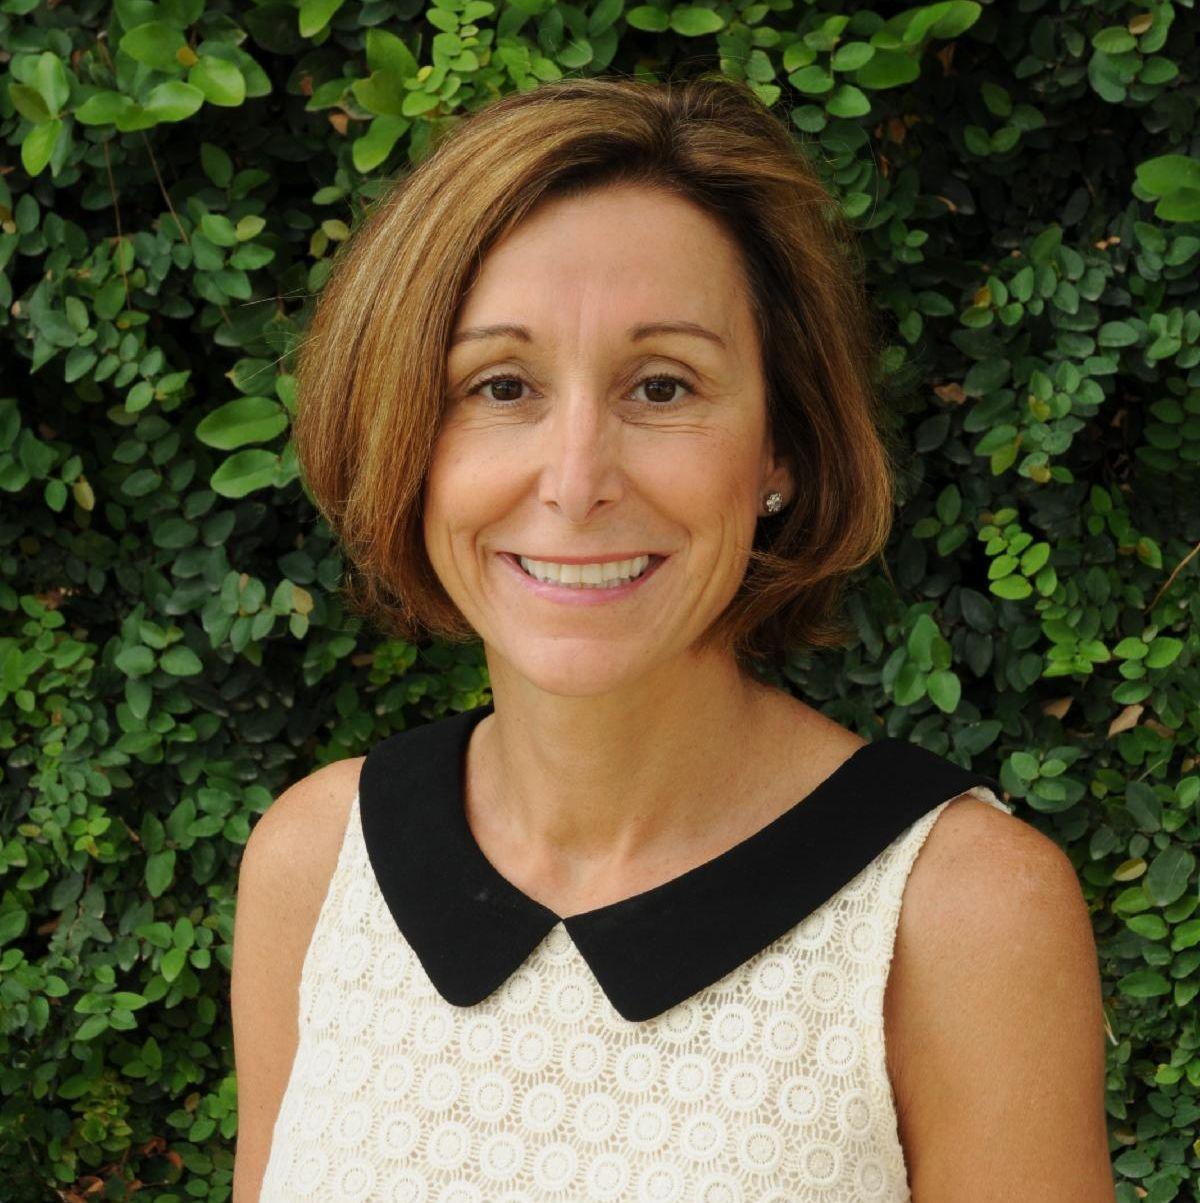 Maggie Shafer